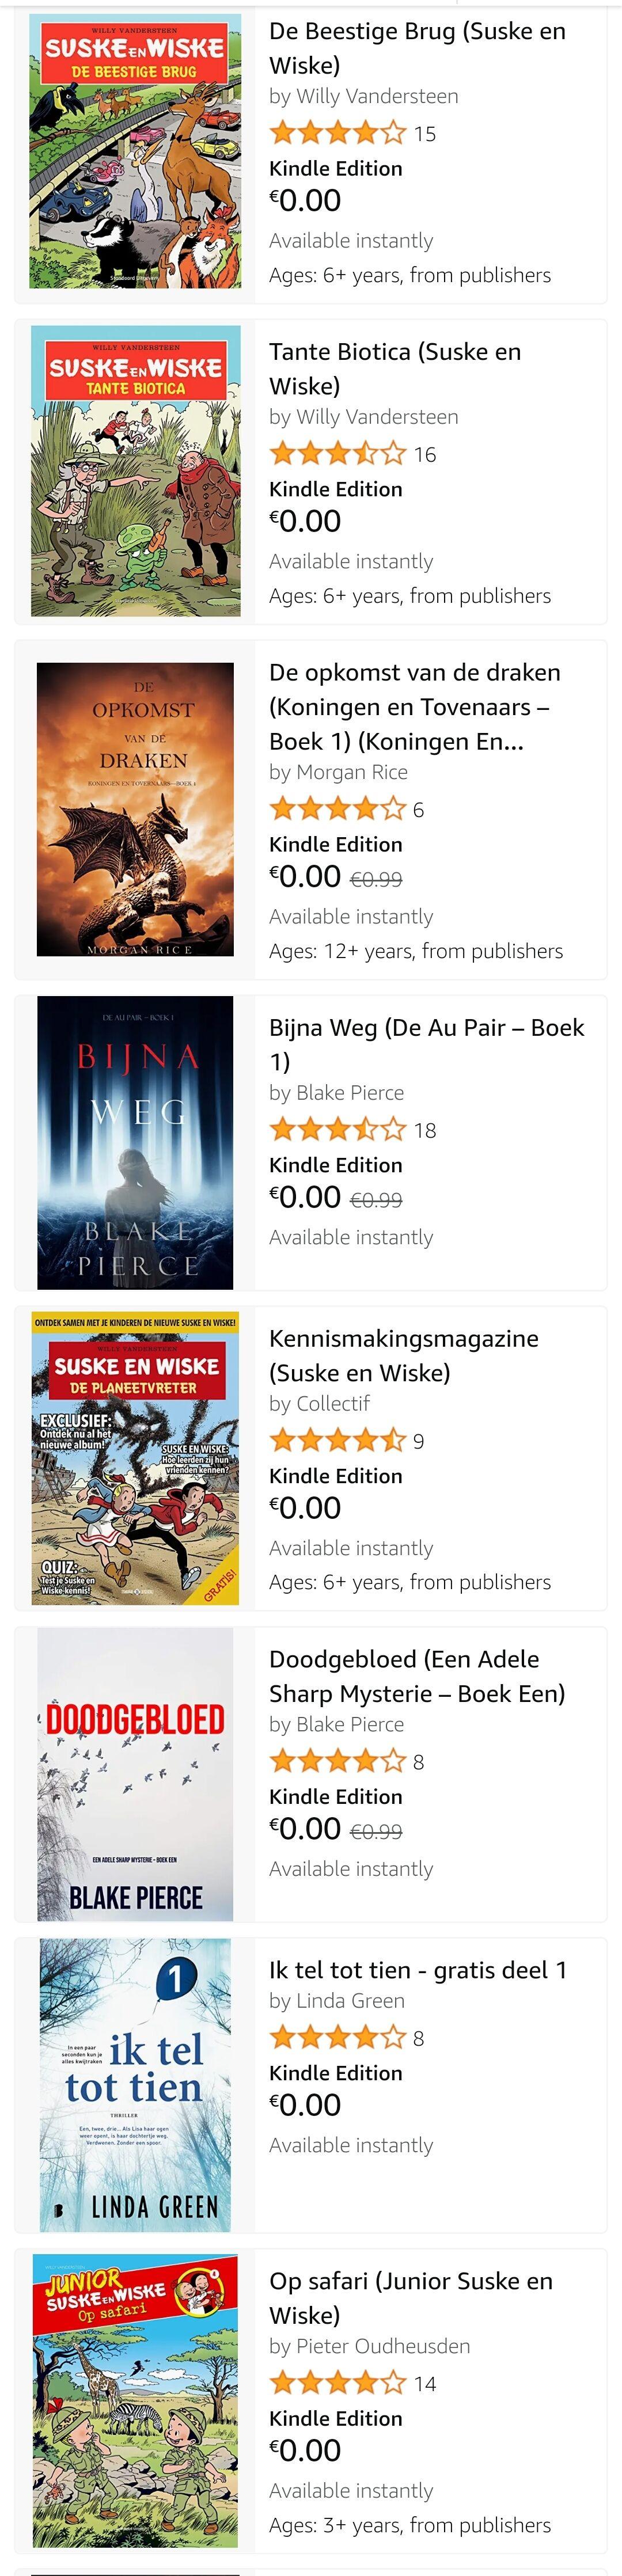 [Amazon] Gratis Kindle boeken (ook zonder Prime)